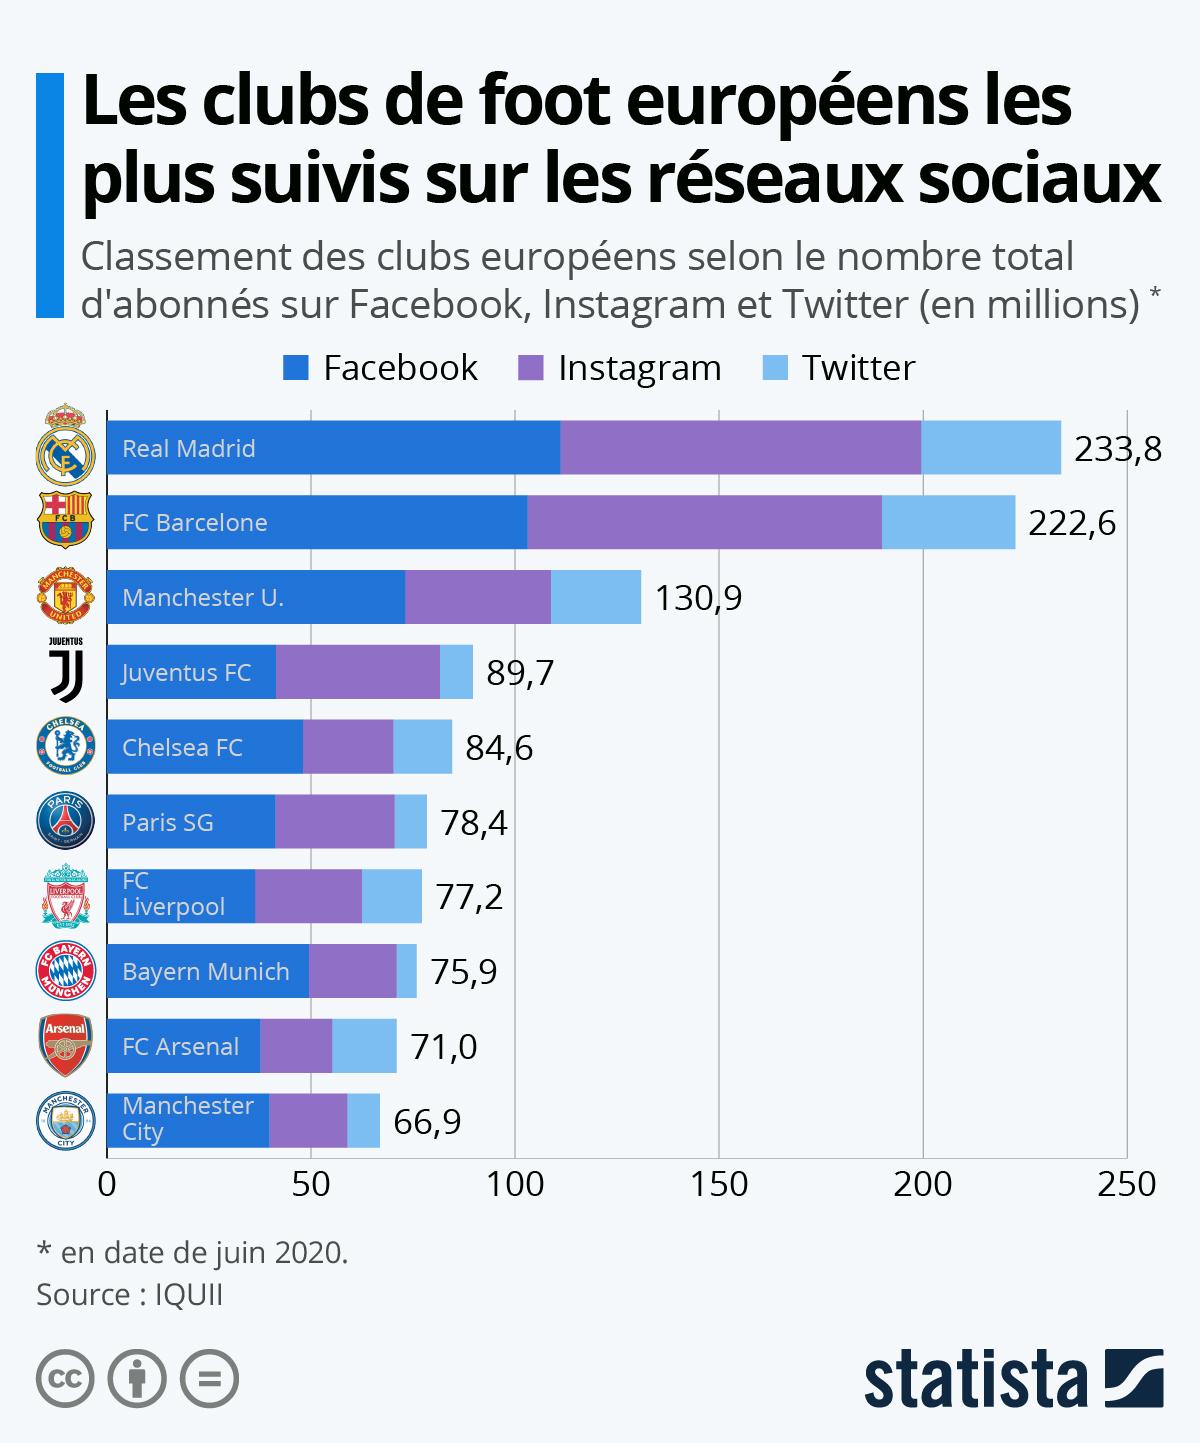 Infographie: Les clubs de foot européens les plus suivis sur les réseaux sociaux | Statista